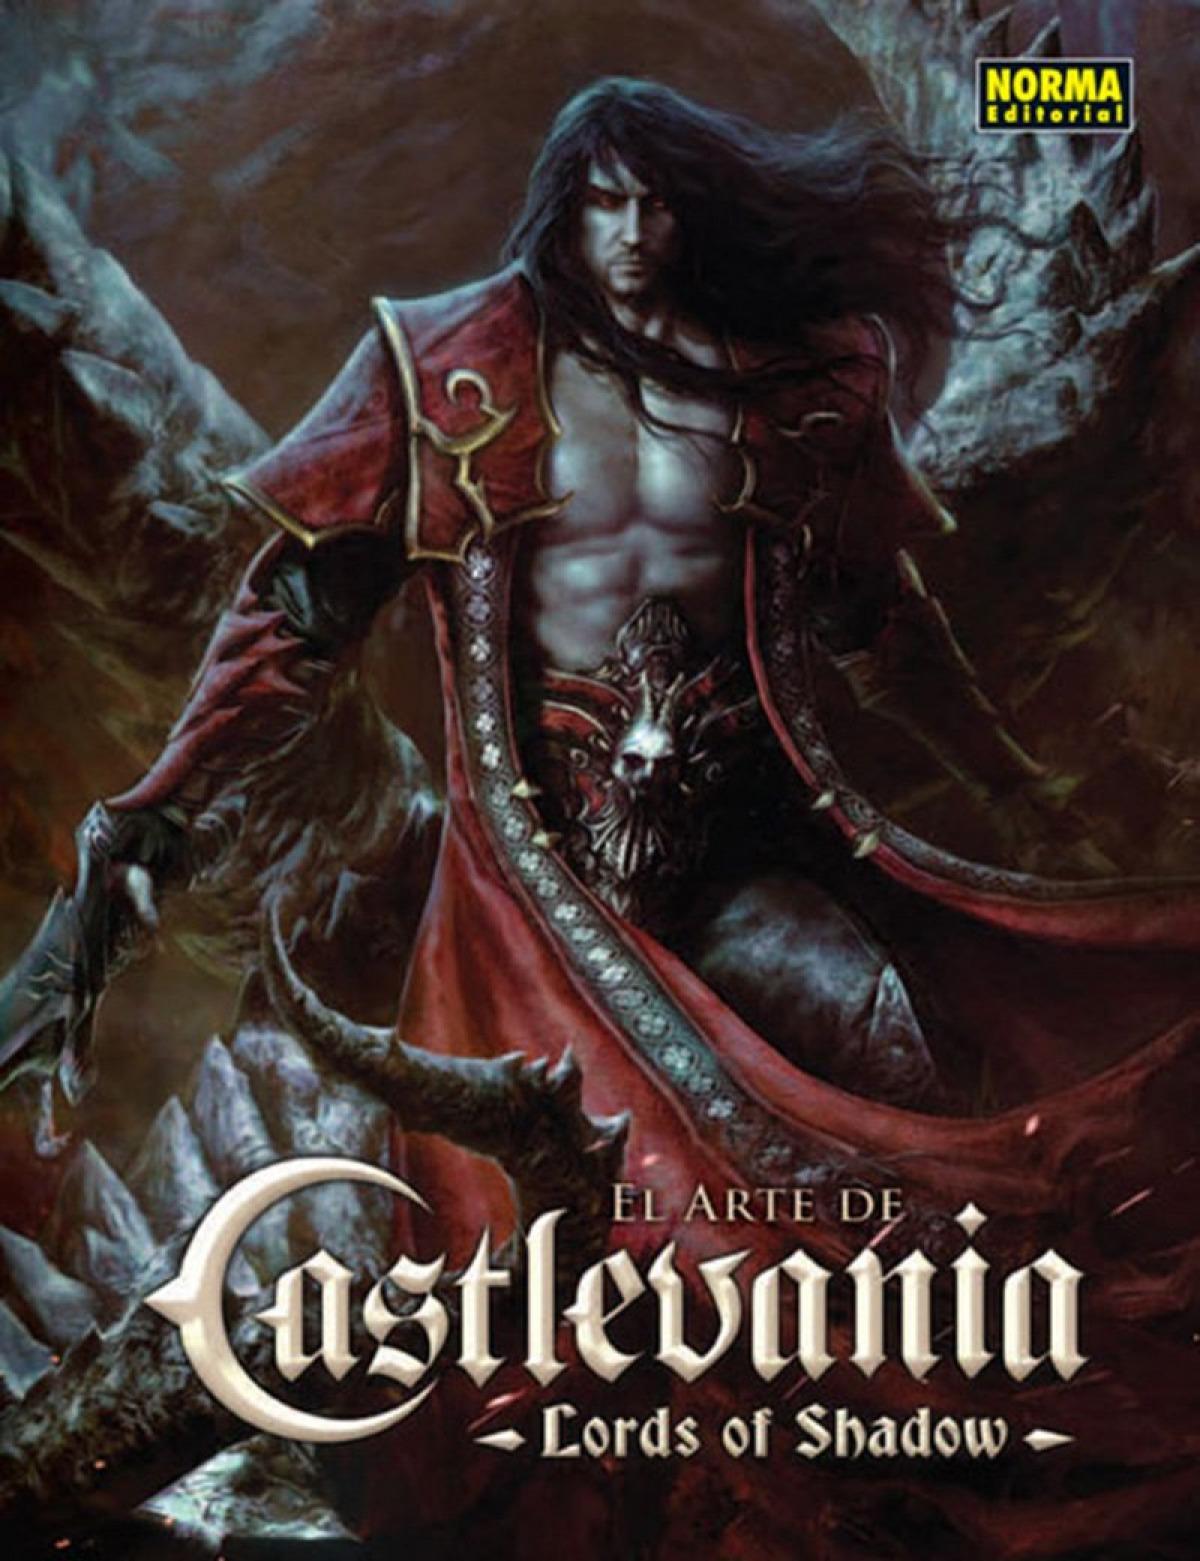 Arte De Castlevania: Lords Of Shadow